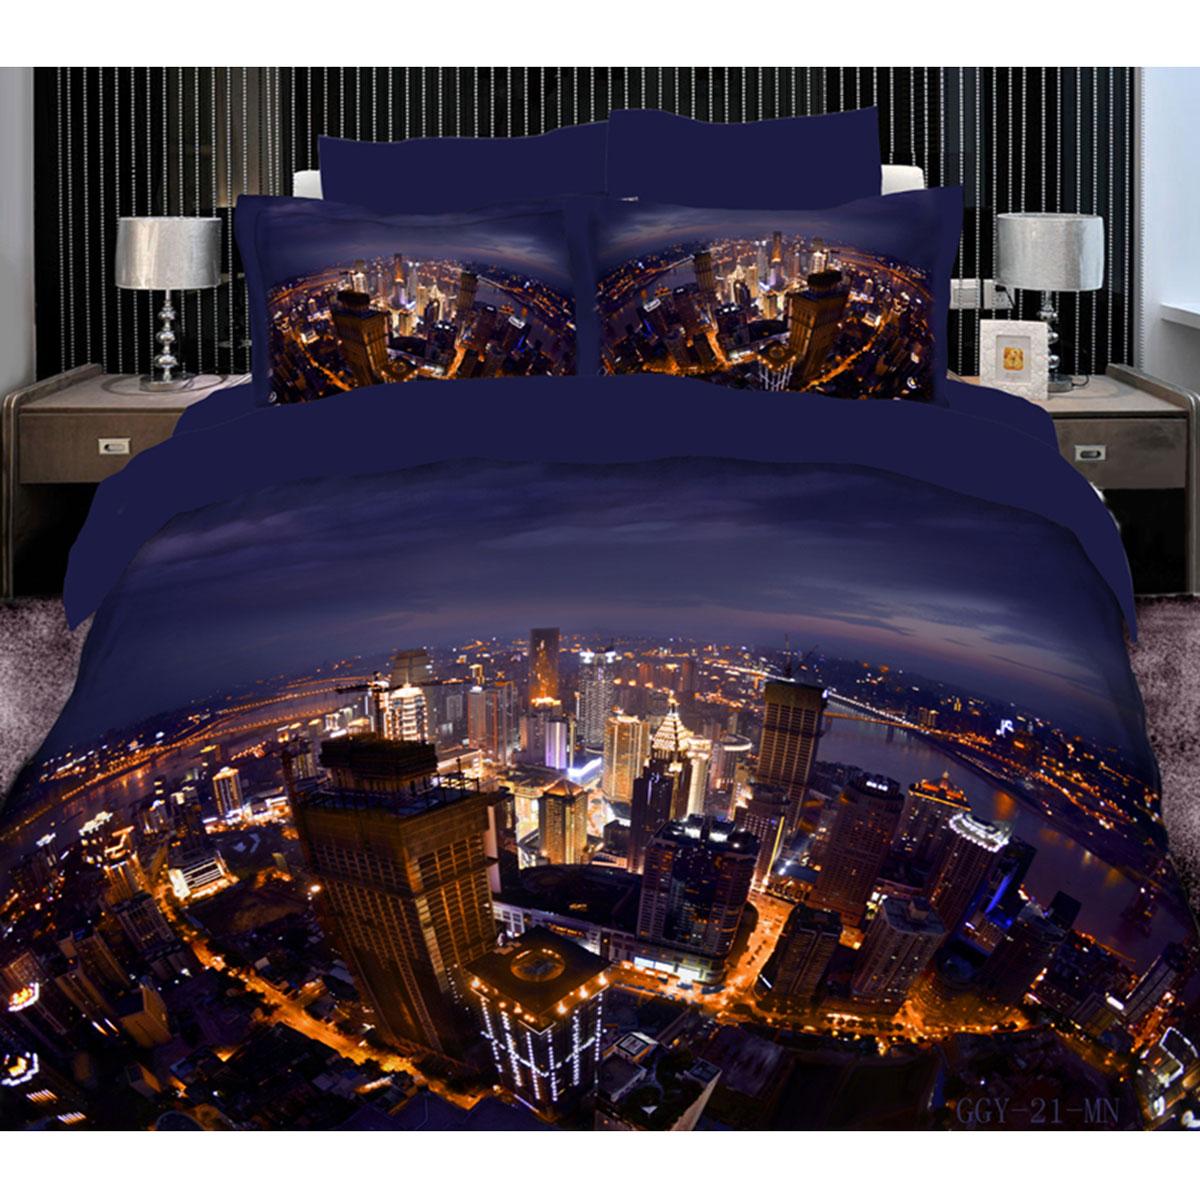 Постельное белье 3D Ночной город (1,5 спальный КПБ, сатин, наволочки 50х70)CA-3505Комплект постельного белья Ночной город является экологически безопасным для всей семьи, так как выполнен из натурального хлопка. Комплект состоит из пододеяльника, простыни и двух наволочек. Постельное белье оформлено изображением ночного города с эффектом 3D.Сатин - производится из высших сортов хлопка, а своим блеском, легкостью и на ощупь напоминает шелк. Такая ткань рассчитана на 200 стирок и более. Постельное белье из сатина превращает жаркие летние ночи в прохладные и освежающие, а холодные зимние - в теплые и согревающие. Благодаря натуральному хлопку, комплект постельного белья из сатина приобретает способность пропускать воздух, давая возможность телу дышать. Одно из преимуществ материала в том, что он практически не мнется и ваша спальня всегда будет аккуратной и нарядной. Характеристики: Страна: Россия. Материал: сатин (100% хлопок). Размер упаковки: 35 см х 30 см х 6 см. В комплект входят: Пододеяльник - 1 шт. Размер: 150 см х 210 см. Простыня - 1 шт. Размер: 160 см х 240 см. Наволочка - 2 шт. Размер: 50 см х 70 см. Высокие свойства белья торговой марки Коллекция основаны на умелом использовании вековых традиций и современных технологий производства и обработки тканей. Качество исходных материалов, внимание к деталям отделки, отличный пошив, воплощение новейших тенденций мировой моды позволяют постельному белью гармонично влиться в современное жизненное пространство и подарить ощущения удовольствия и комфорта. УВАЖАЕМЫЕ КЛИЕНТЫ!Обращаем ваше внимание на то, что наволочки могут поставляться как с кантом, так и с ушами. УВАЖАЕМЫЕ КЛИЕНТЫ! Обращаем ваше внимание, на тот факт, что изображенный на фотографии комплект постельного белья служит для демонстрации целого комплекта. Производитель оставляет за собой право без предупреждения изменять расцветку наволочек (они могут соответствовать расцветке простыни или же расцветке пододеяльника).